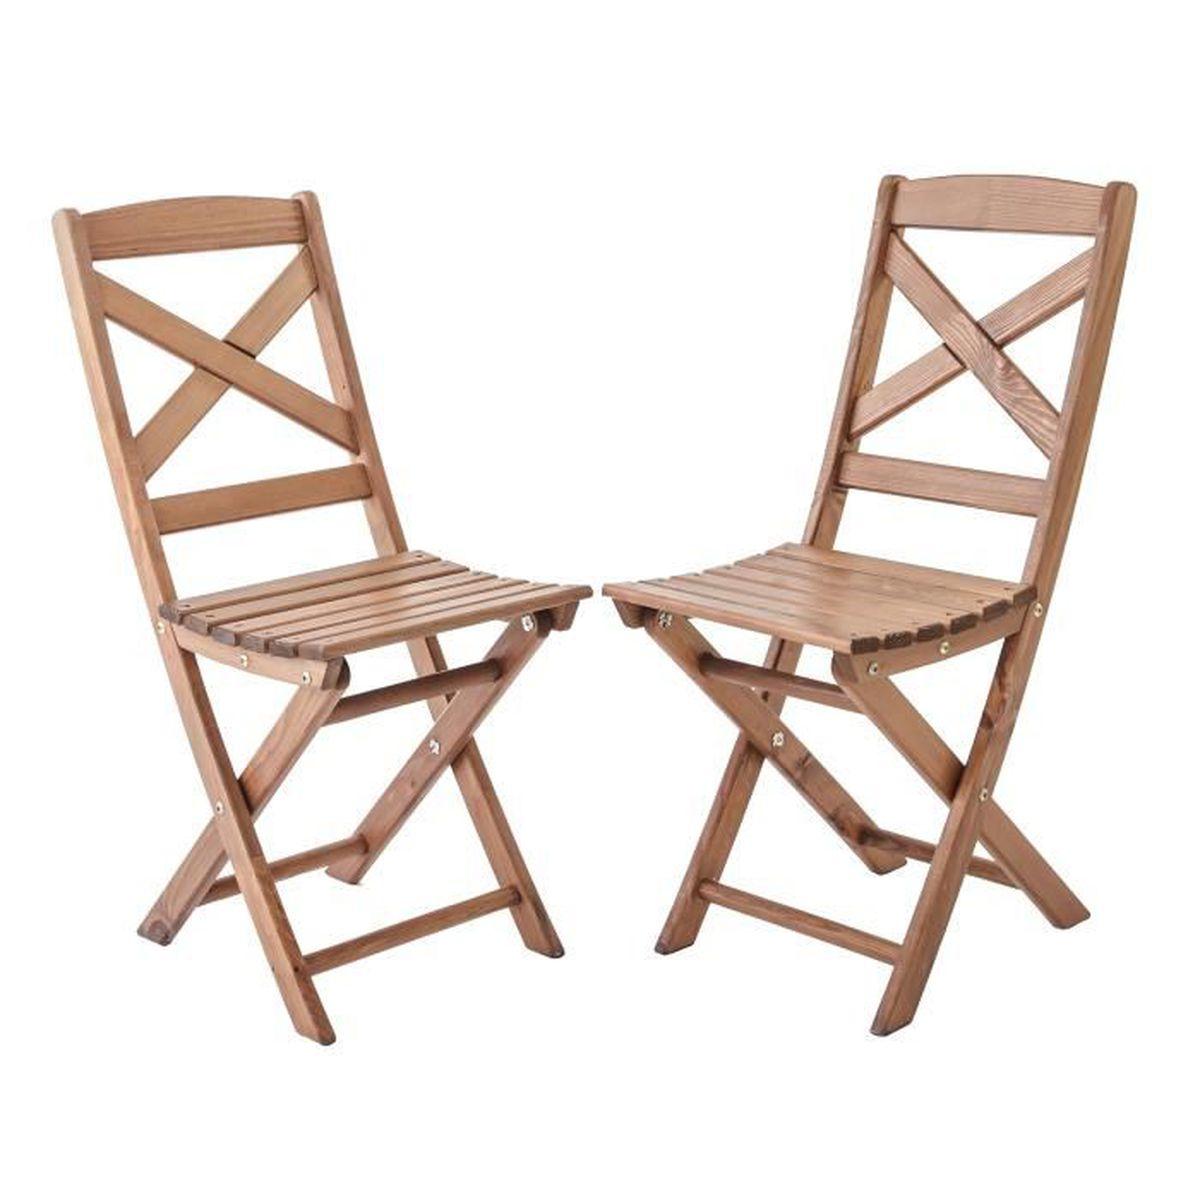 fauteuil jardin lot de 2 chaises pliables pour jardin ou balcon lo - Chaises Pliables